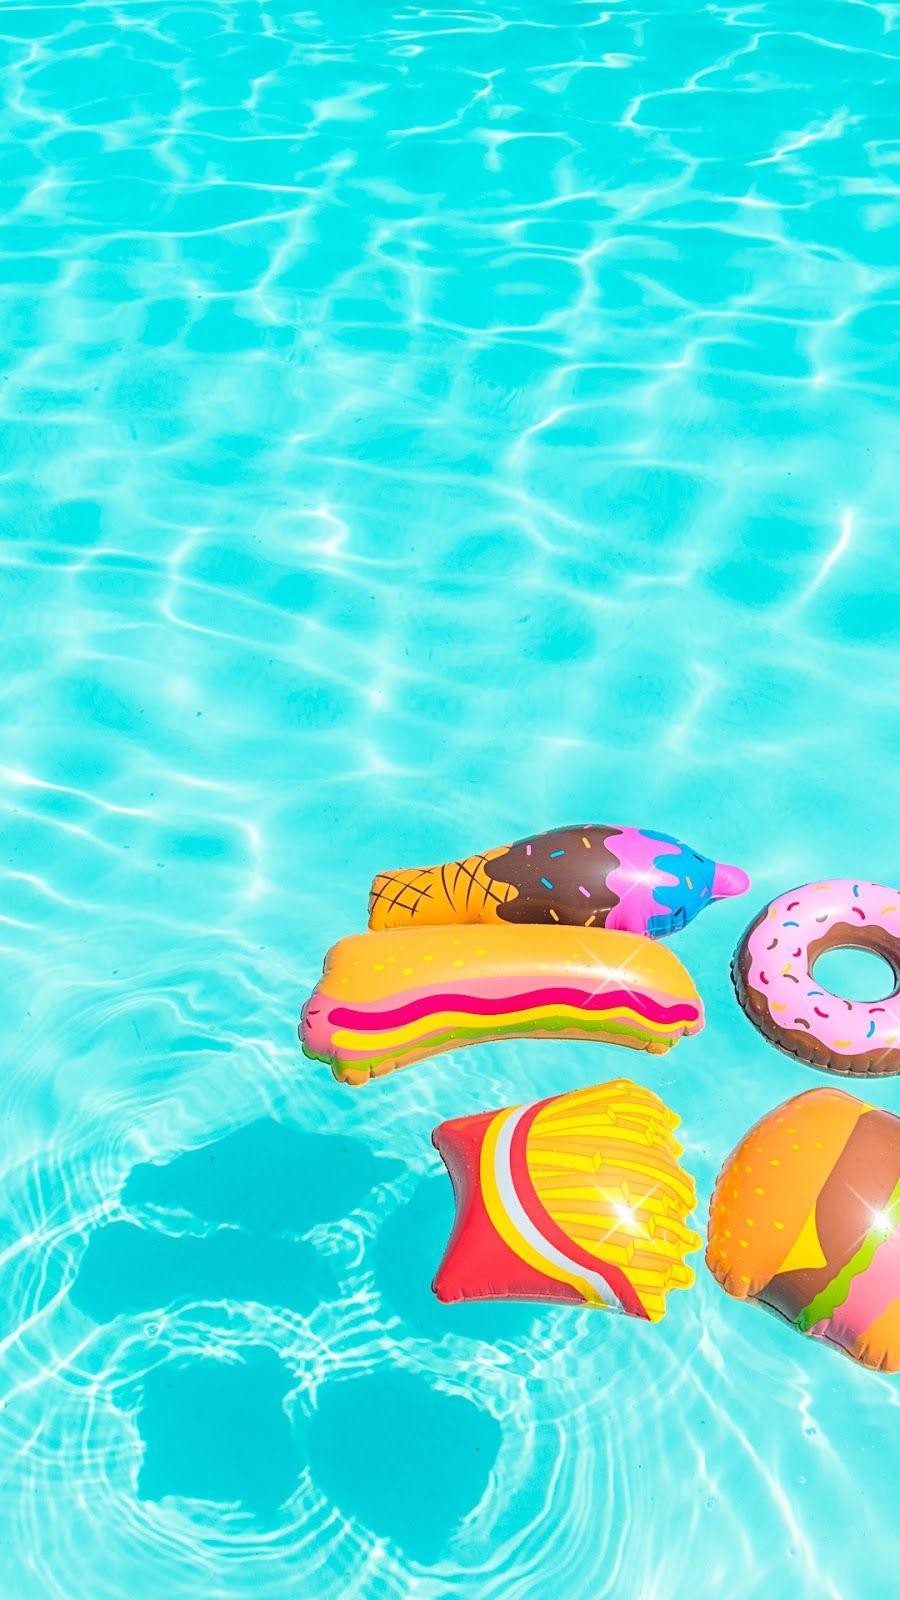 Swimming Pool Mobile Wallpaper Wallpaper Iphone Summer Summer Wallpaper Minimalist Wallpaper